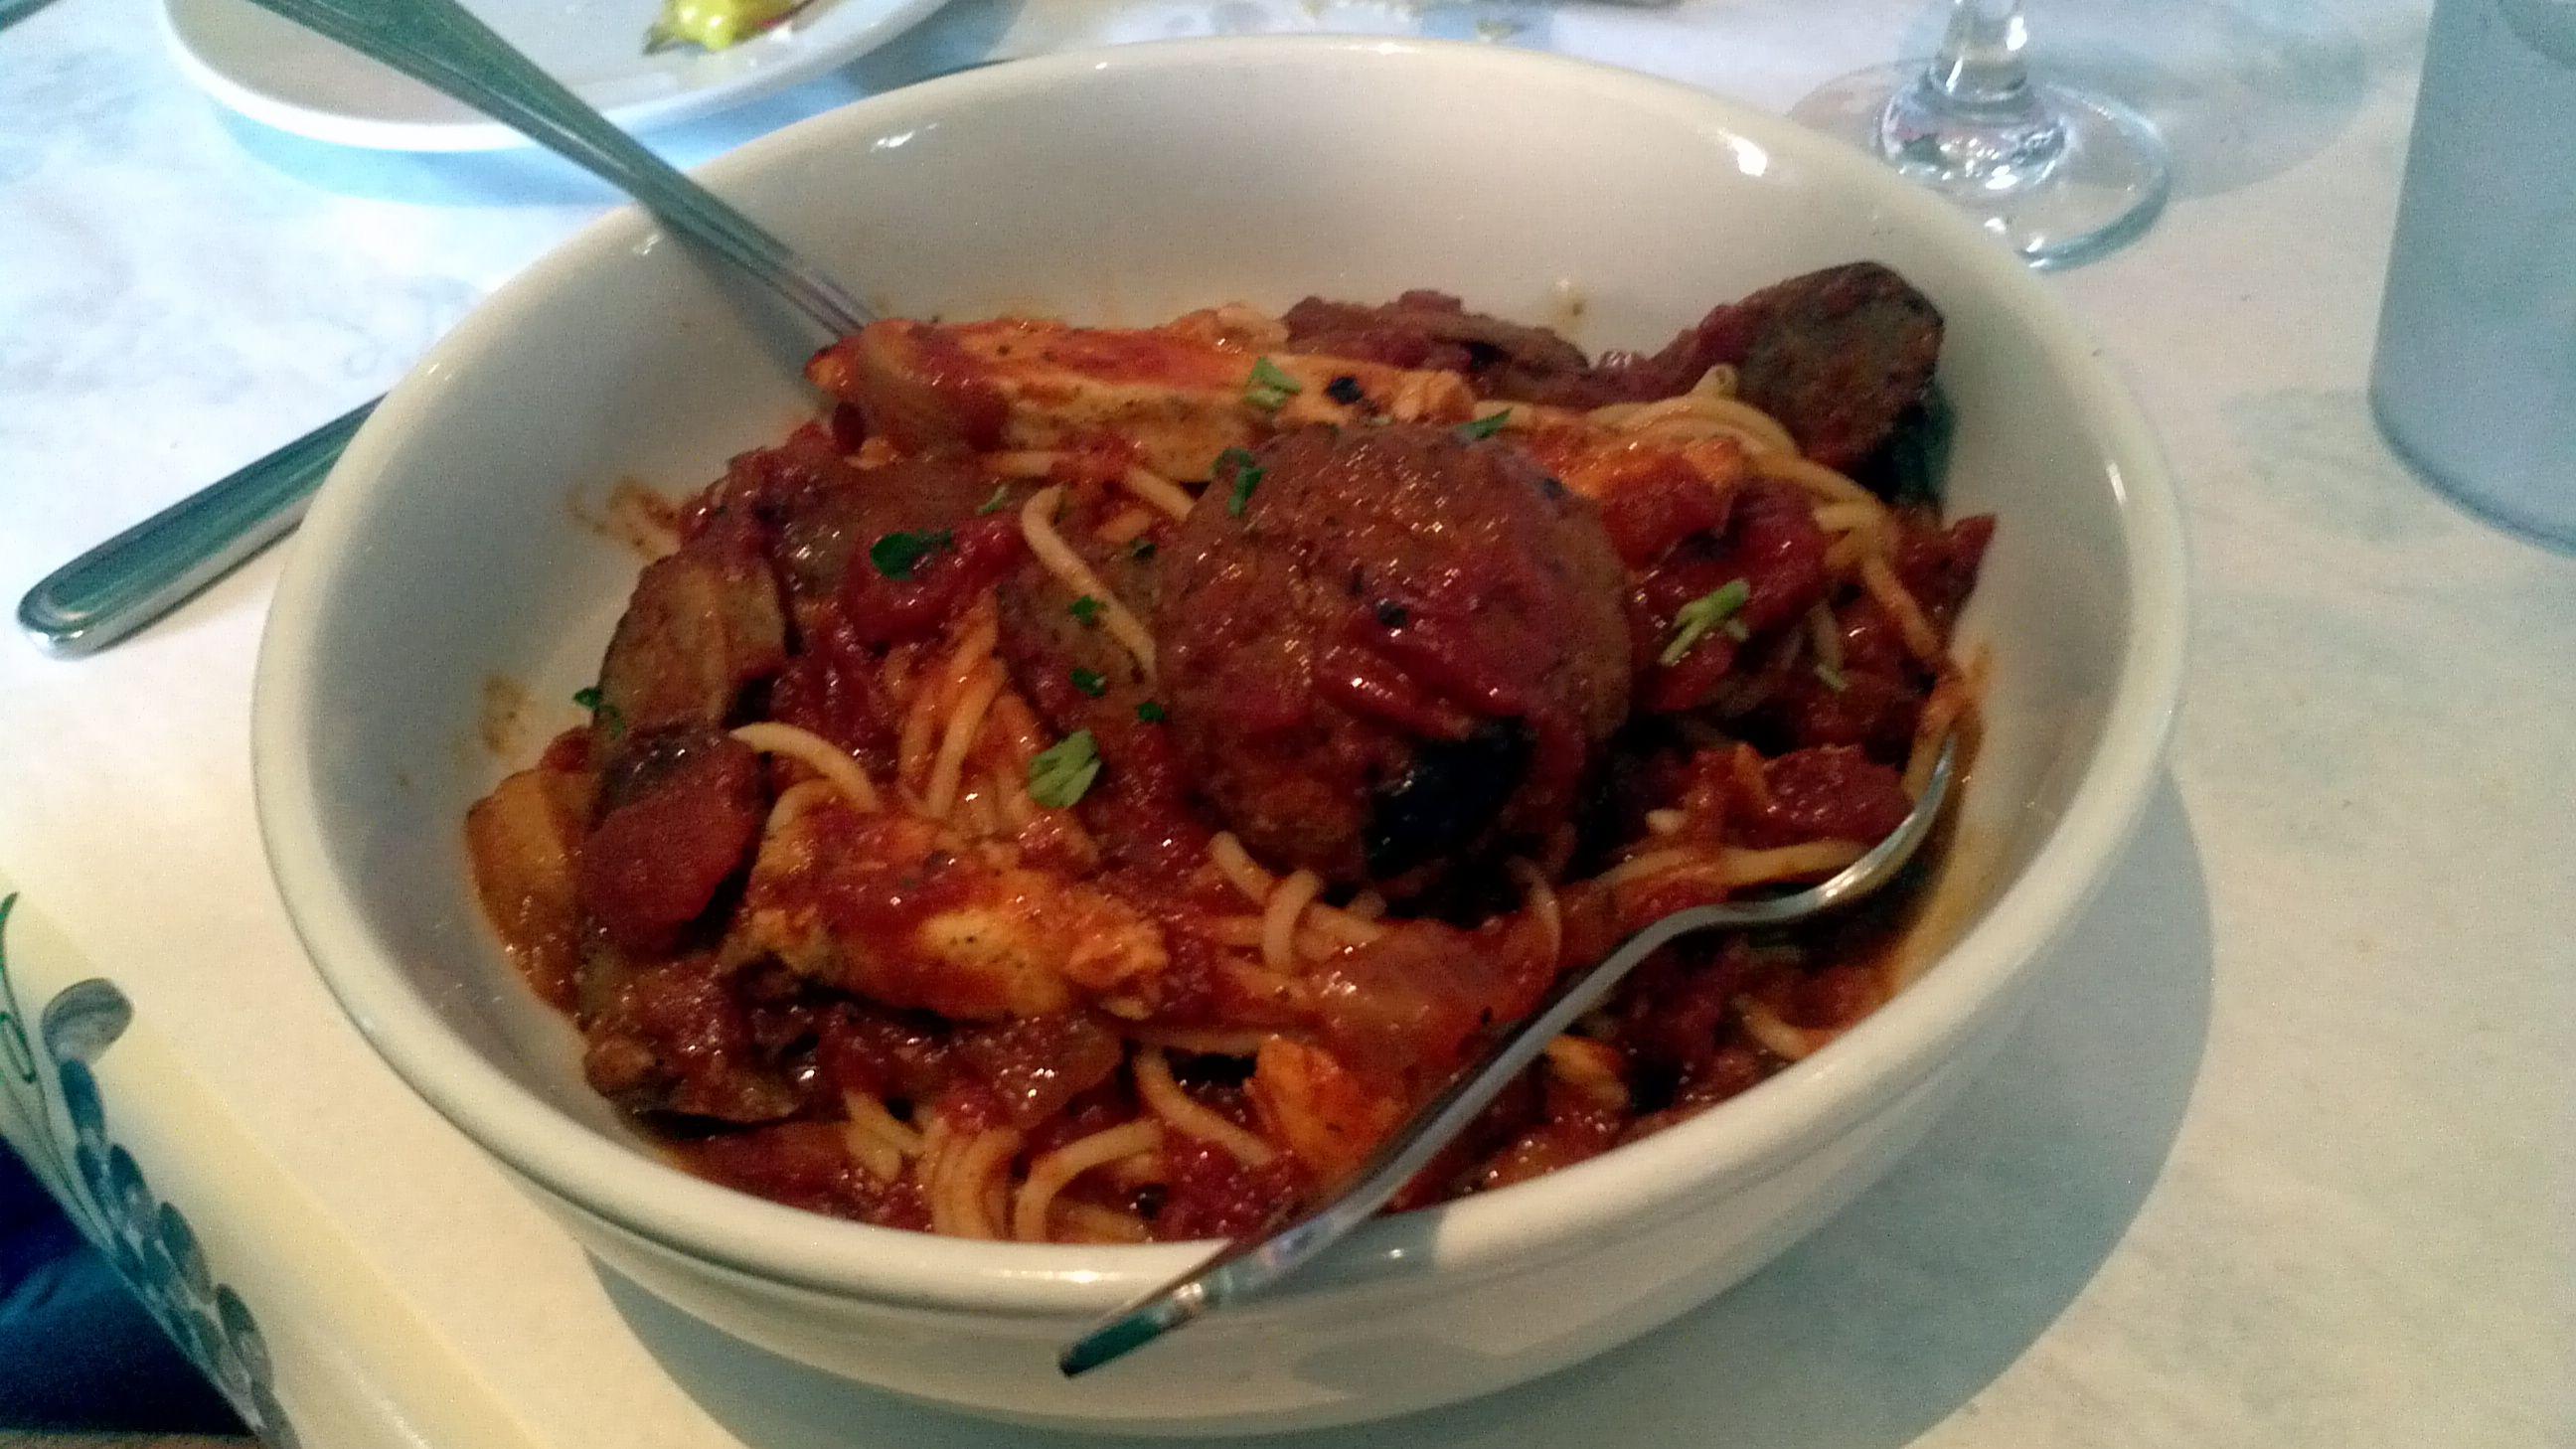 Ciao italian kitchen say hello to more italian food